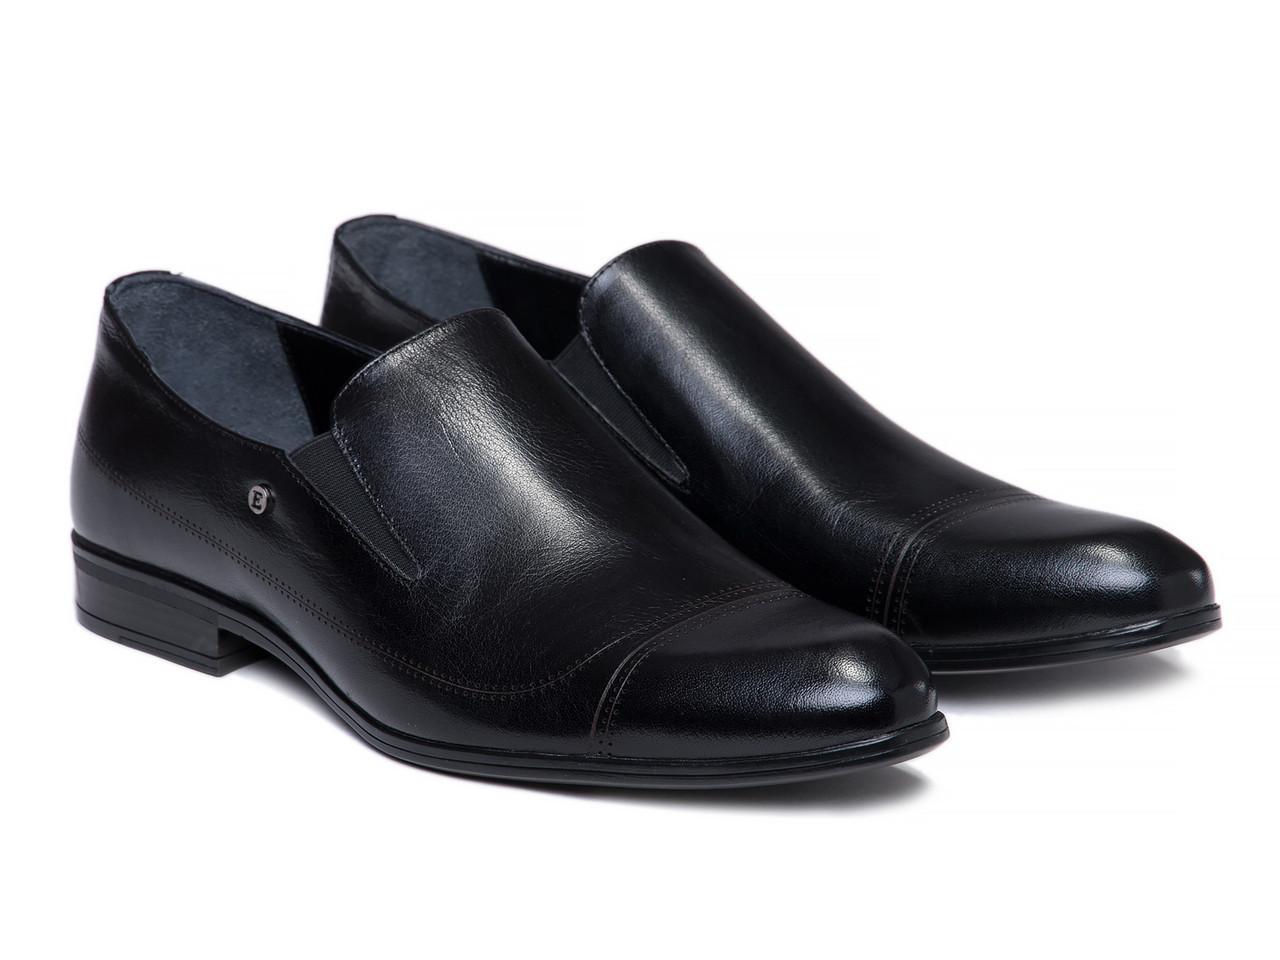 Туфли Etor 12767-7170 44 черные